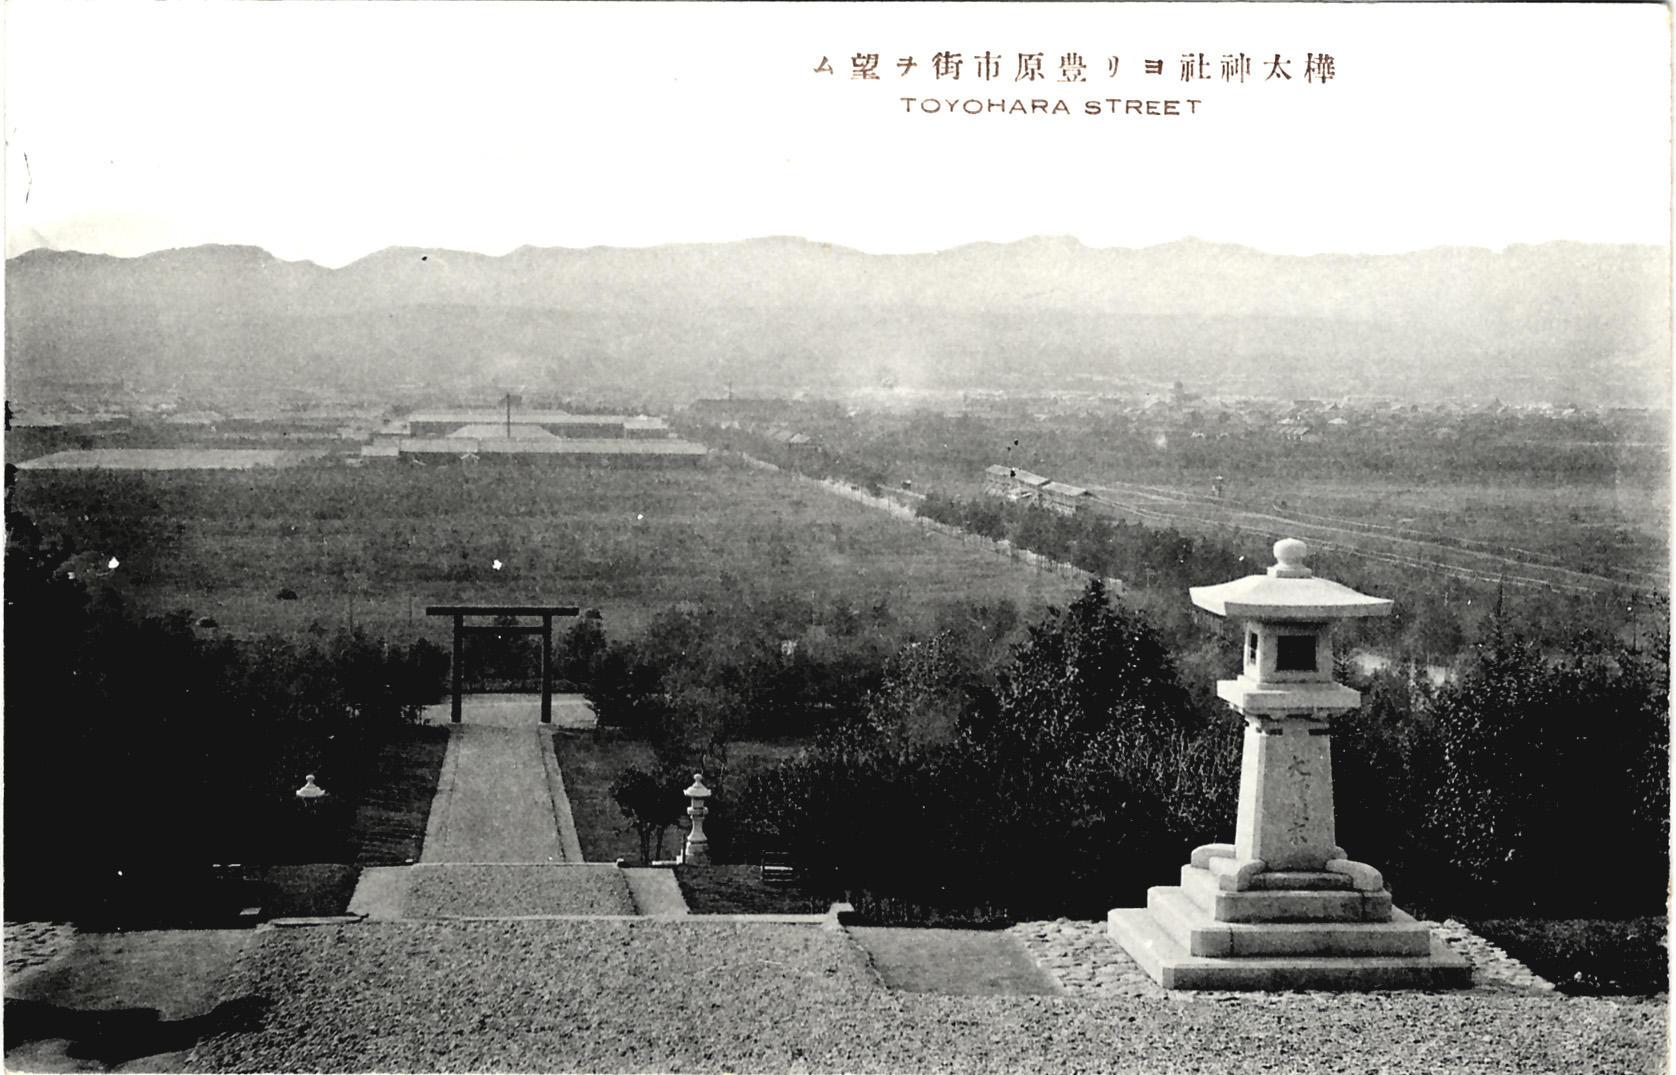 Вид на город от храма Карафуто дзинзя. Внизу видно мужскую гимназию и стадион. Справа аллея - Дзинзя-дори. Ещё правее - ипподром.